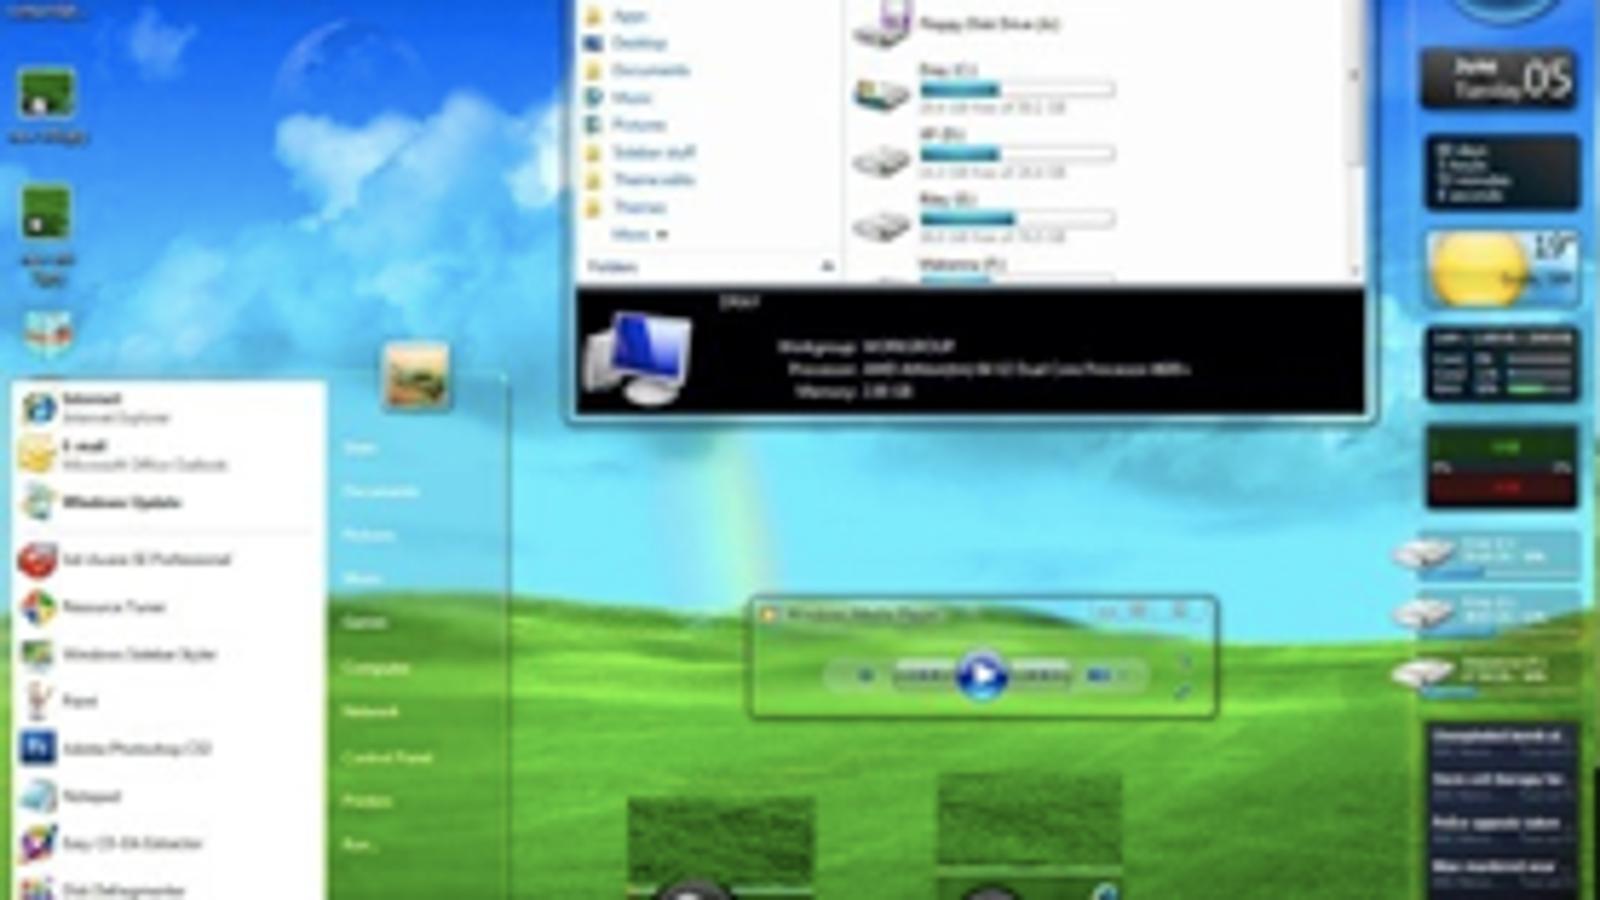 free upgrade windows vista